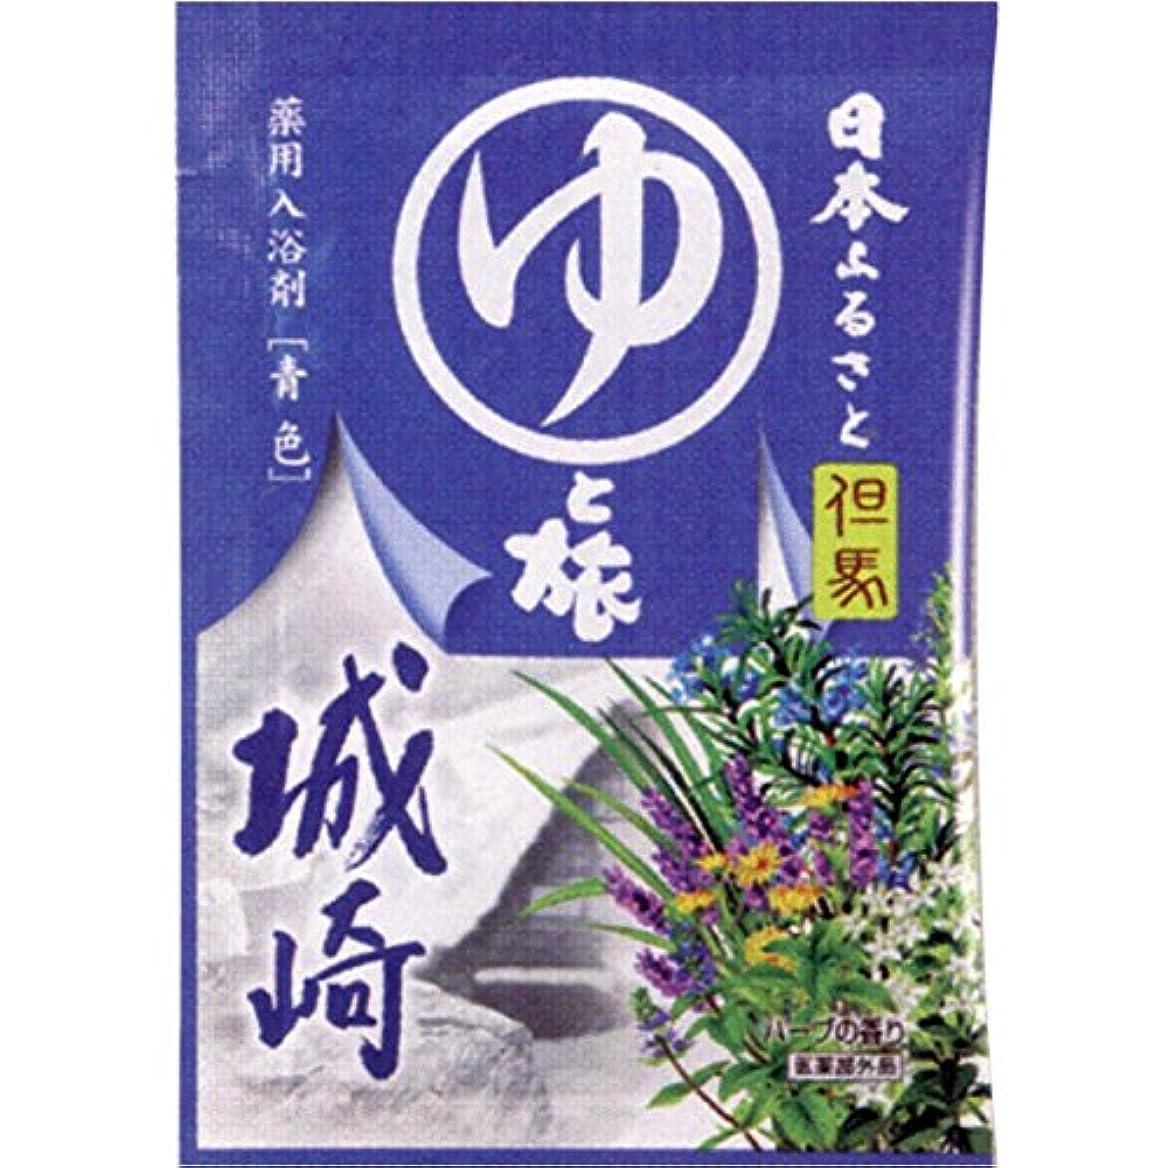 肺天気ルビーヤマサキの入浴剤シリーズ 城崎(入浴剤)